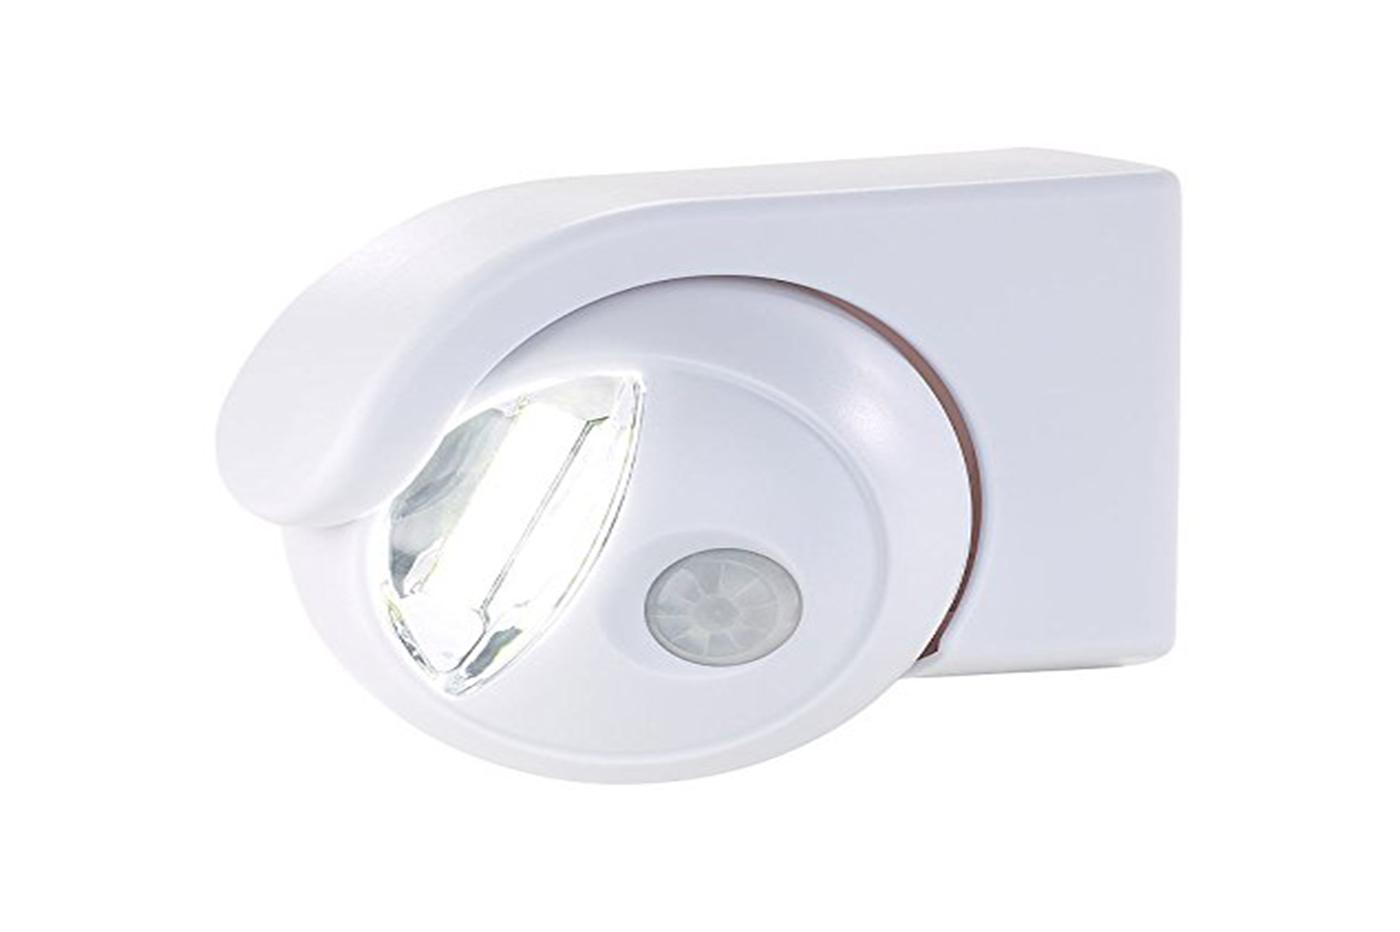 Sensore Per Accendere La Luce.Bes 25148 Lampadine E Adattatori Beselettronica Lampada